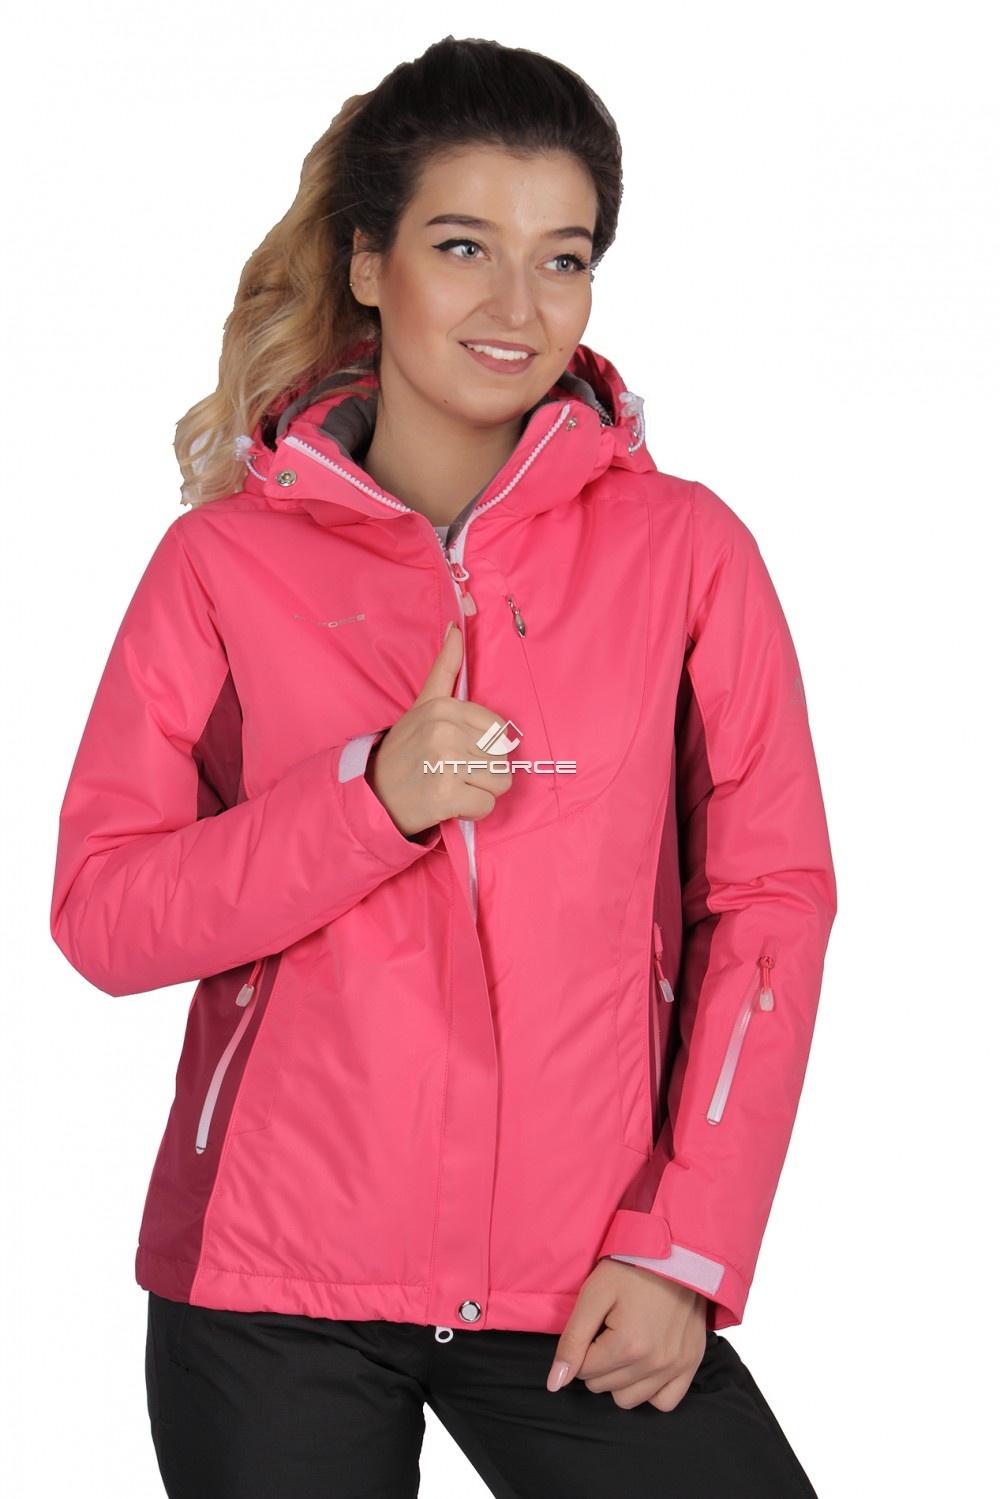 Купить                                  оптом Куртка спортивная женская осень весна розового цвета 1711R в Новосибирске